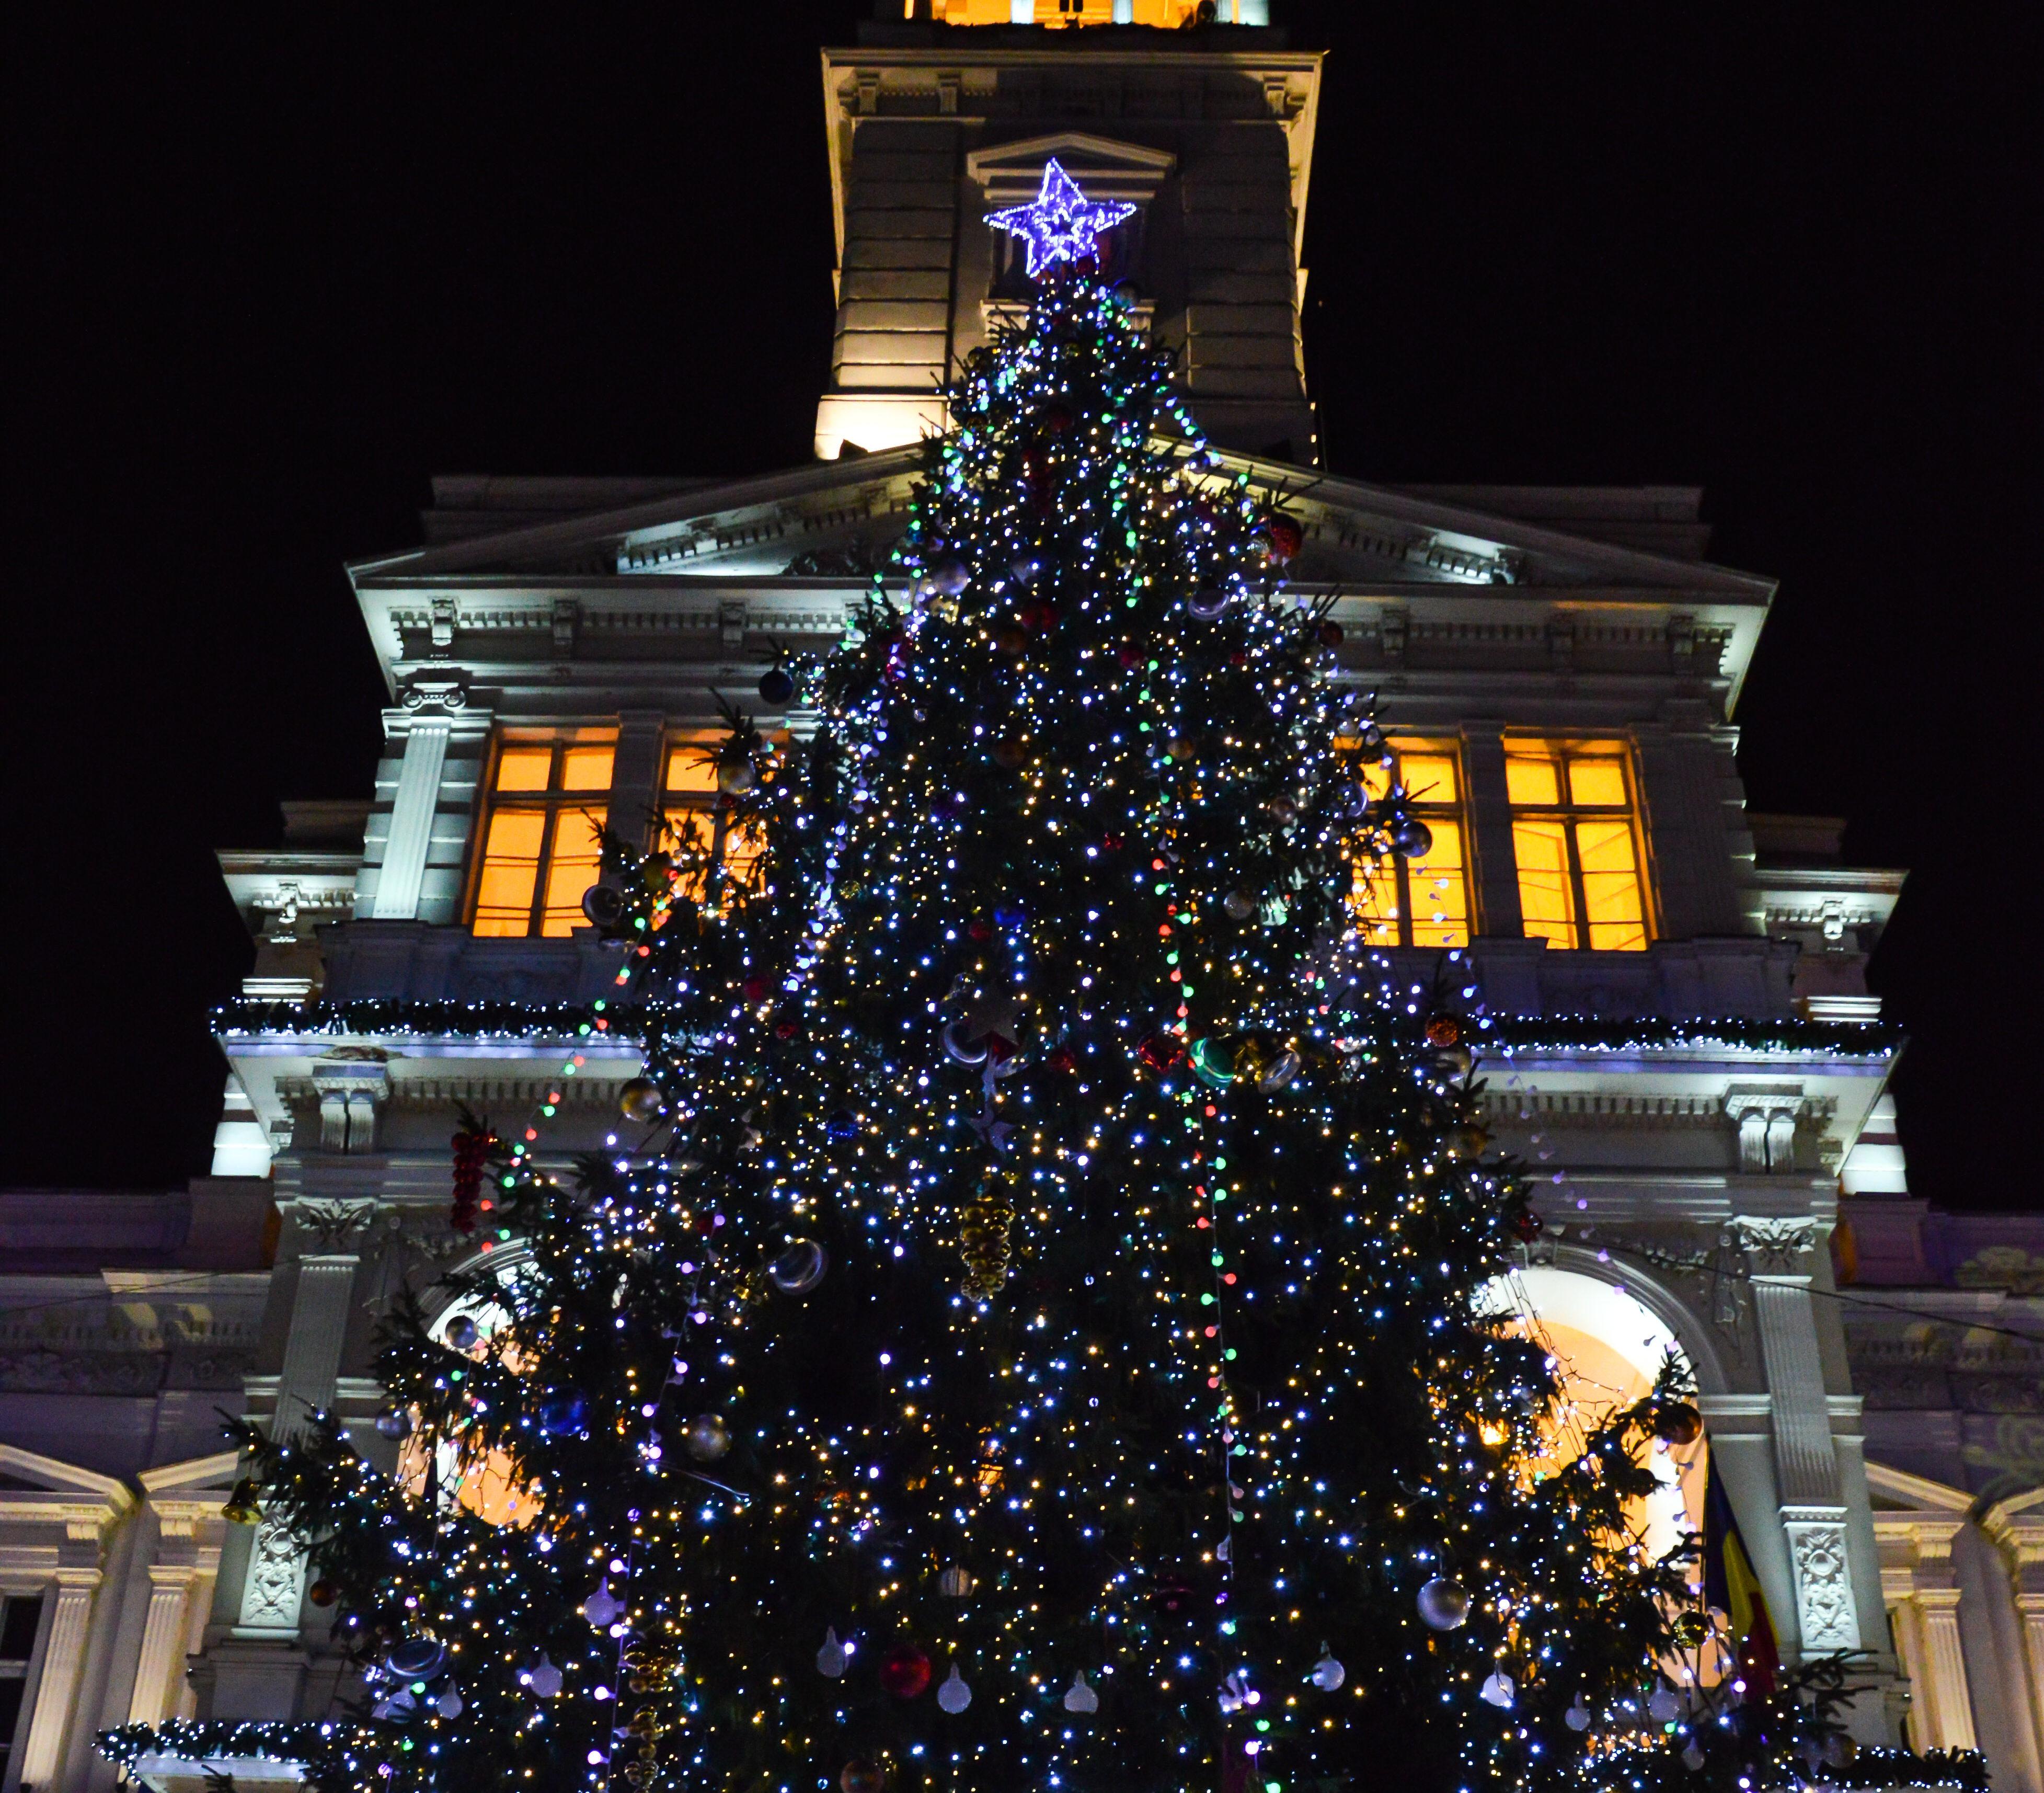 Beculețele din bradul înalt de 18 metri din fața Primăriei vor fi aprinse într-un cadru festiv